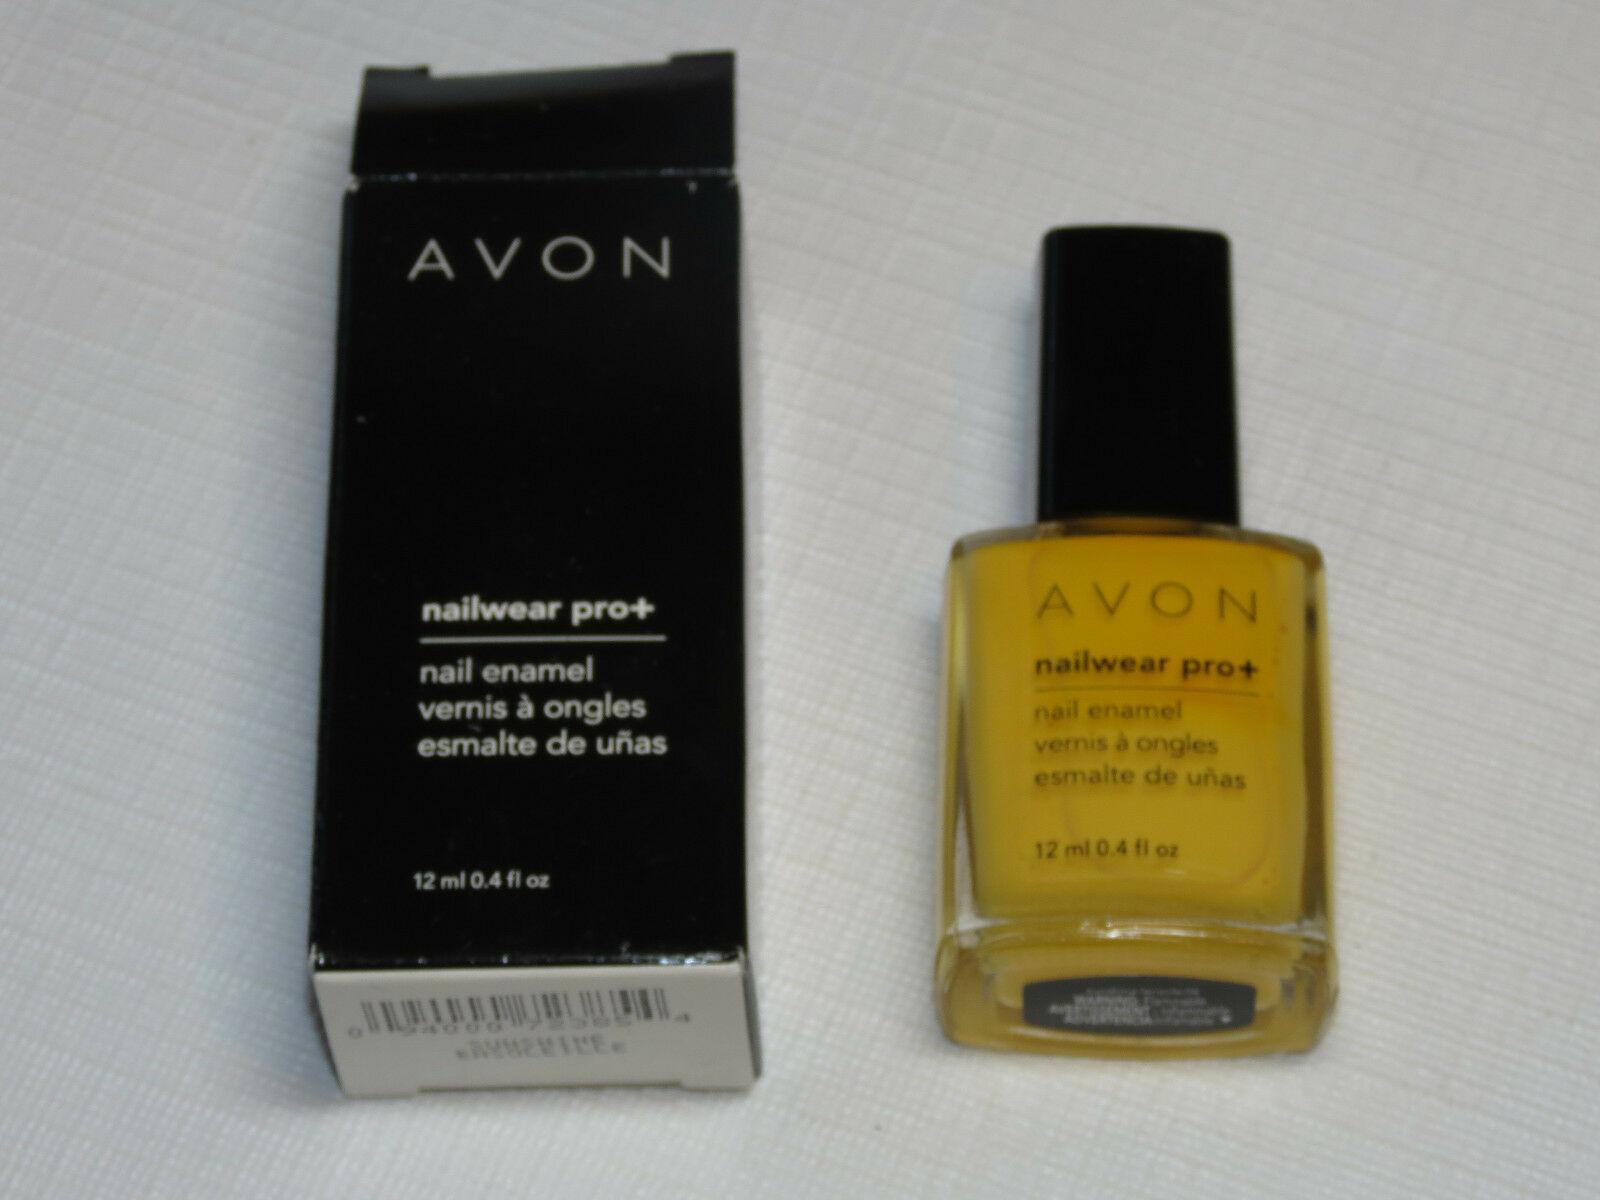 Avon NailWear Pro+ Nail Enamel Sunshine 12 ml 0.4 fl oz nail polish mani pedi;; - $19.79